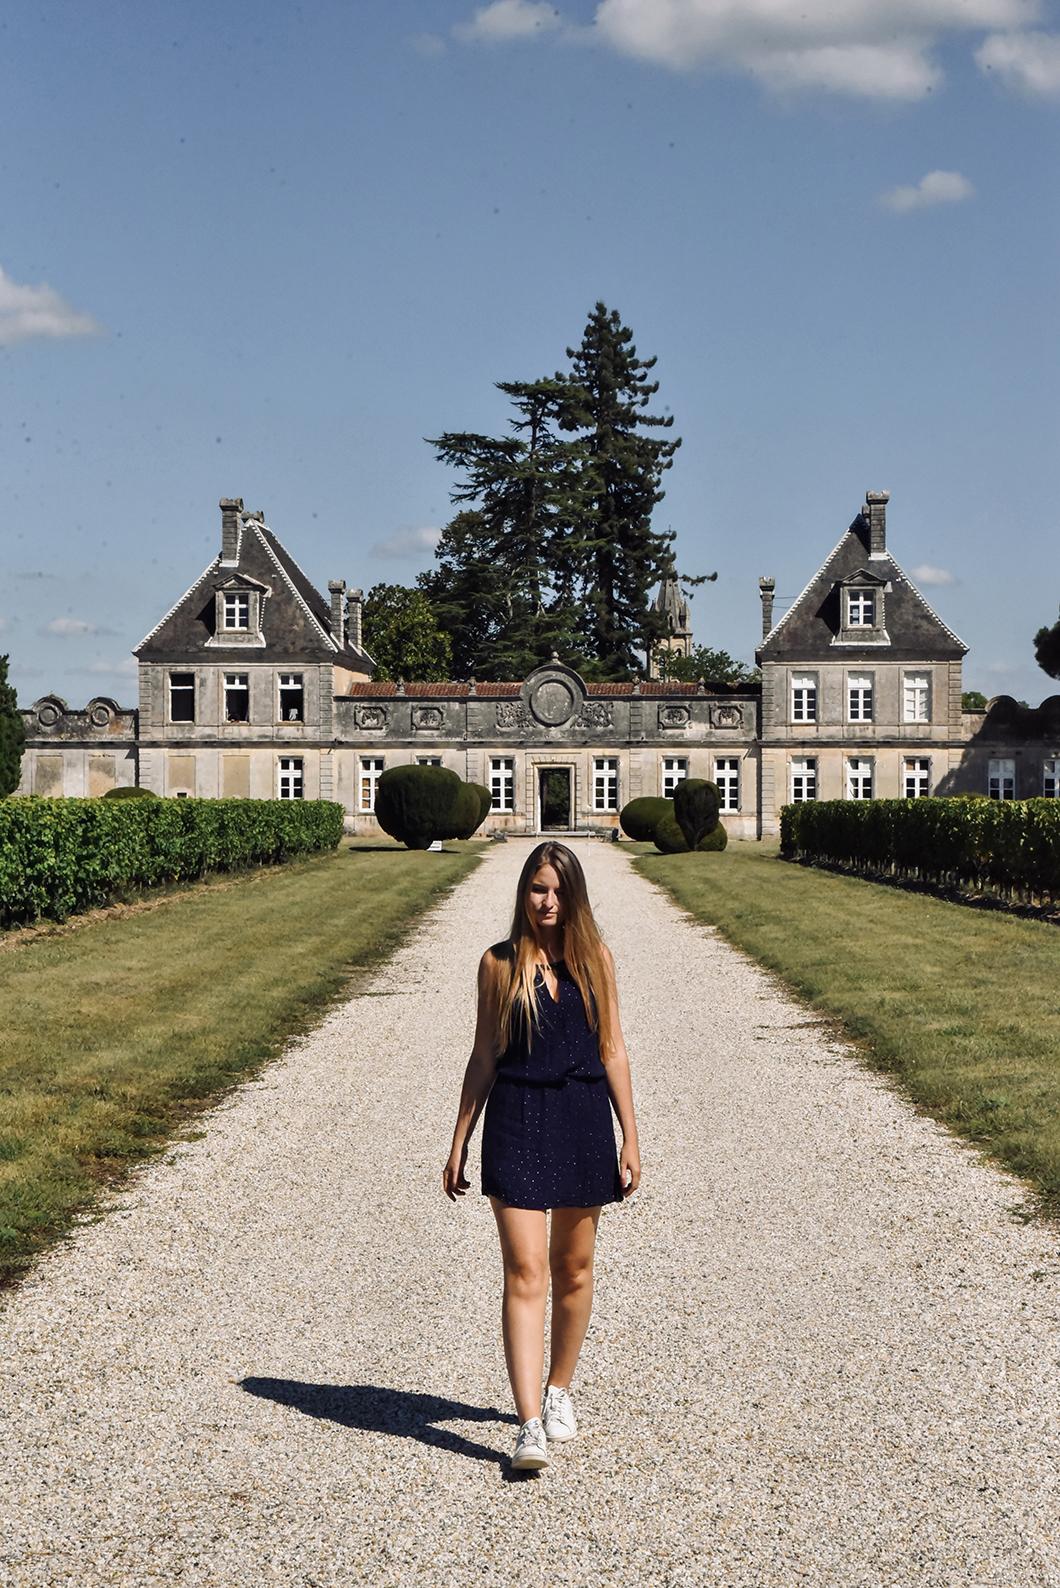 Château de Cérons - Route des Vins de Bordeaux en Graves et Sauternes